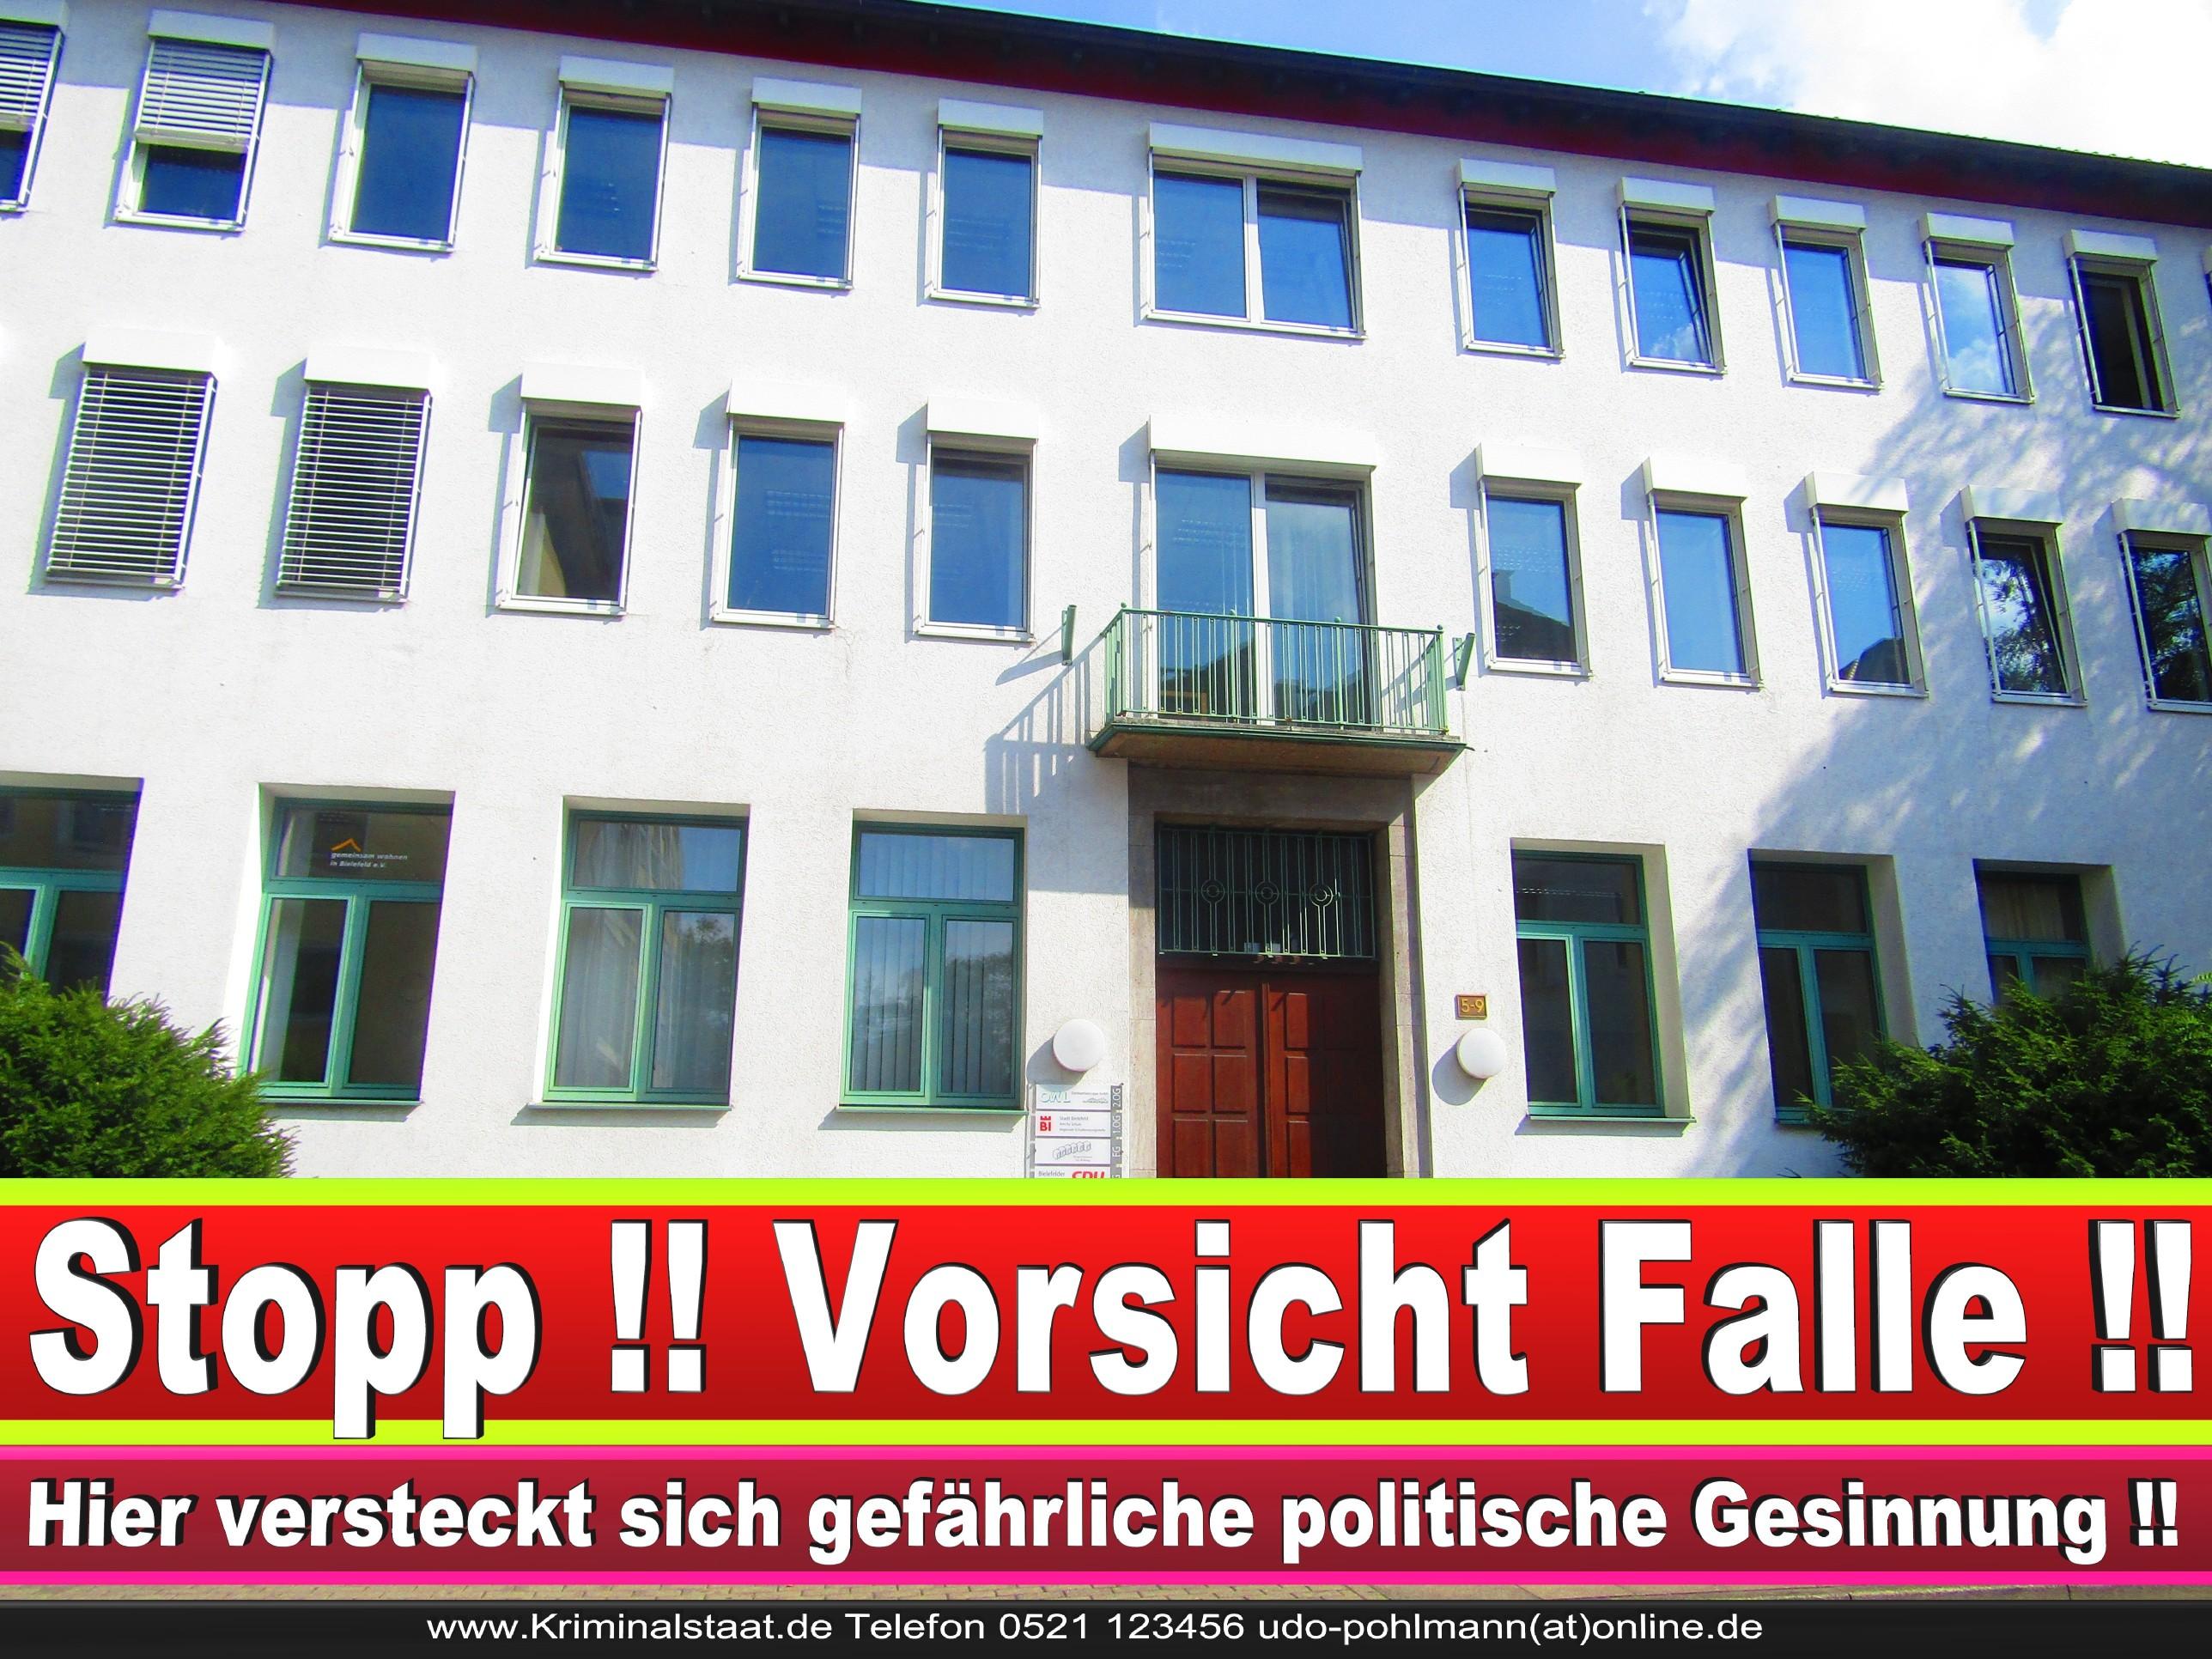 CDU Geschäftsstelle CDU Bielefeld Turnerstraße 5 1 LANDTAGSWAHL BUNDESTAGSWAHL BÜRGERMEISTERWAHL